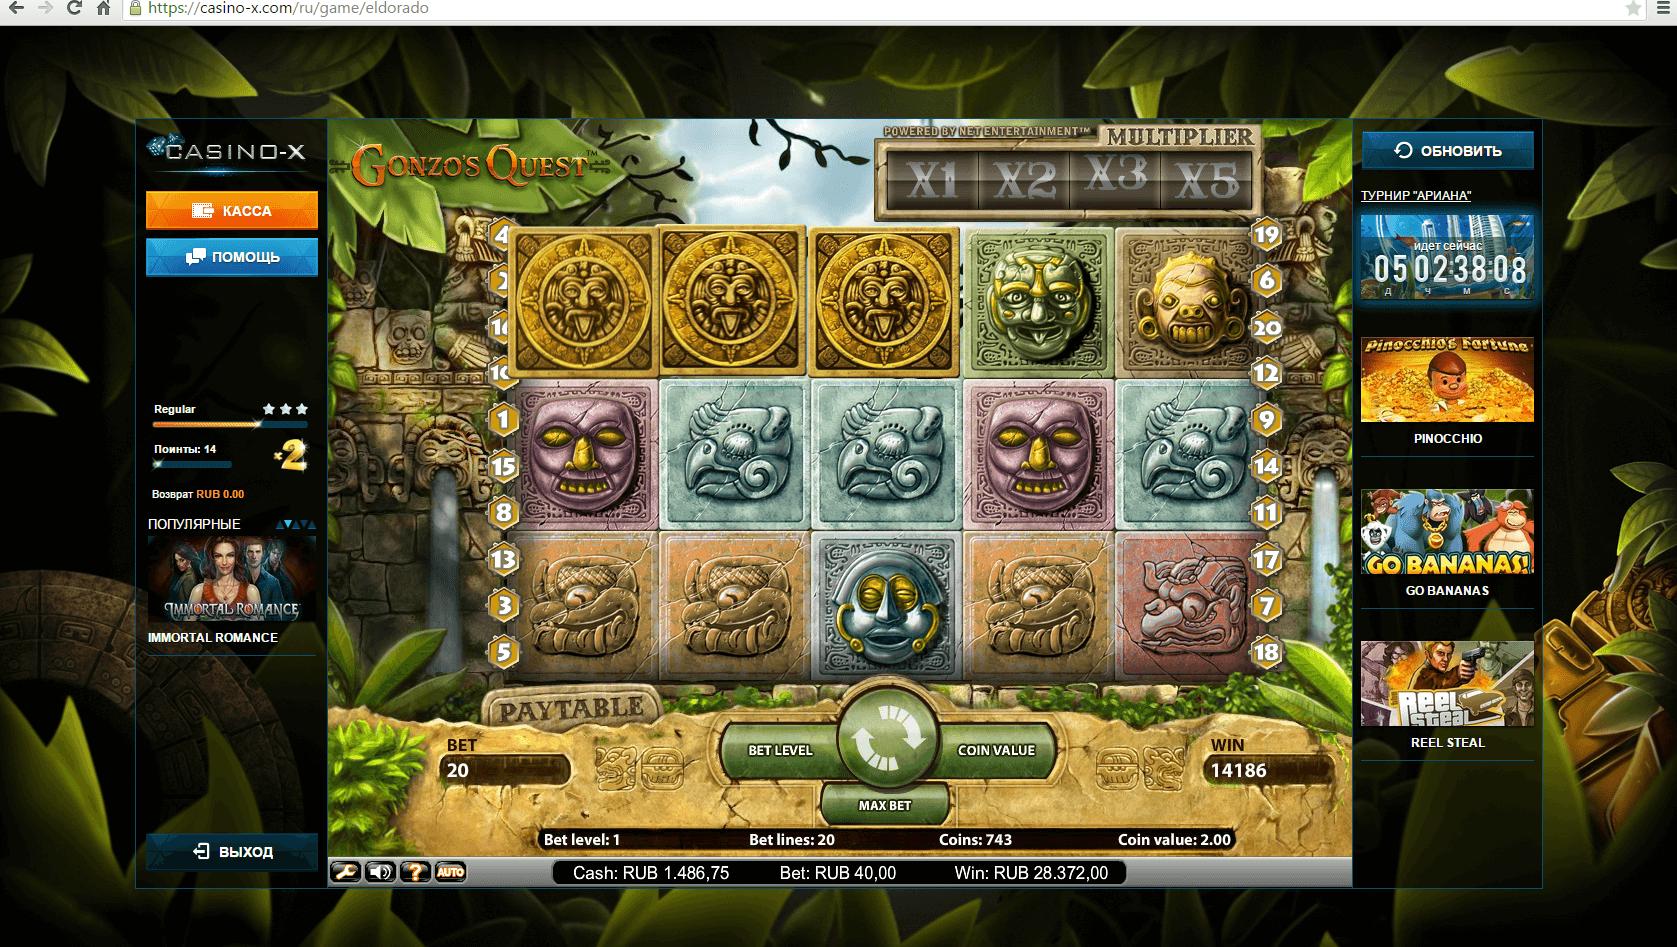 Выигрыш в онлайн казино, Играл в онлайн казино, Игровой автомат, Casino-X, GonzosQuest, крупные выигрыши, интернет казино, лучшее казино, честное казино, играть в казино